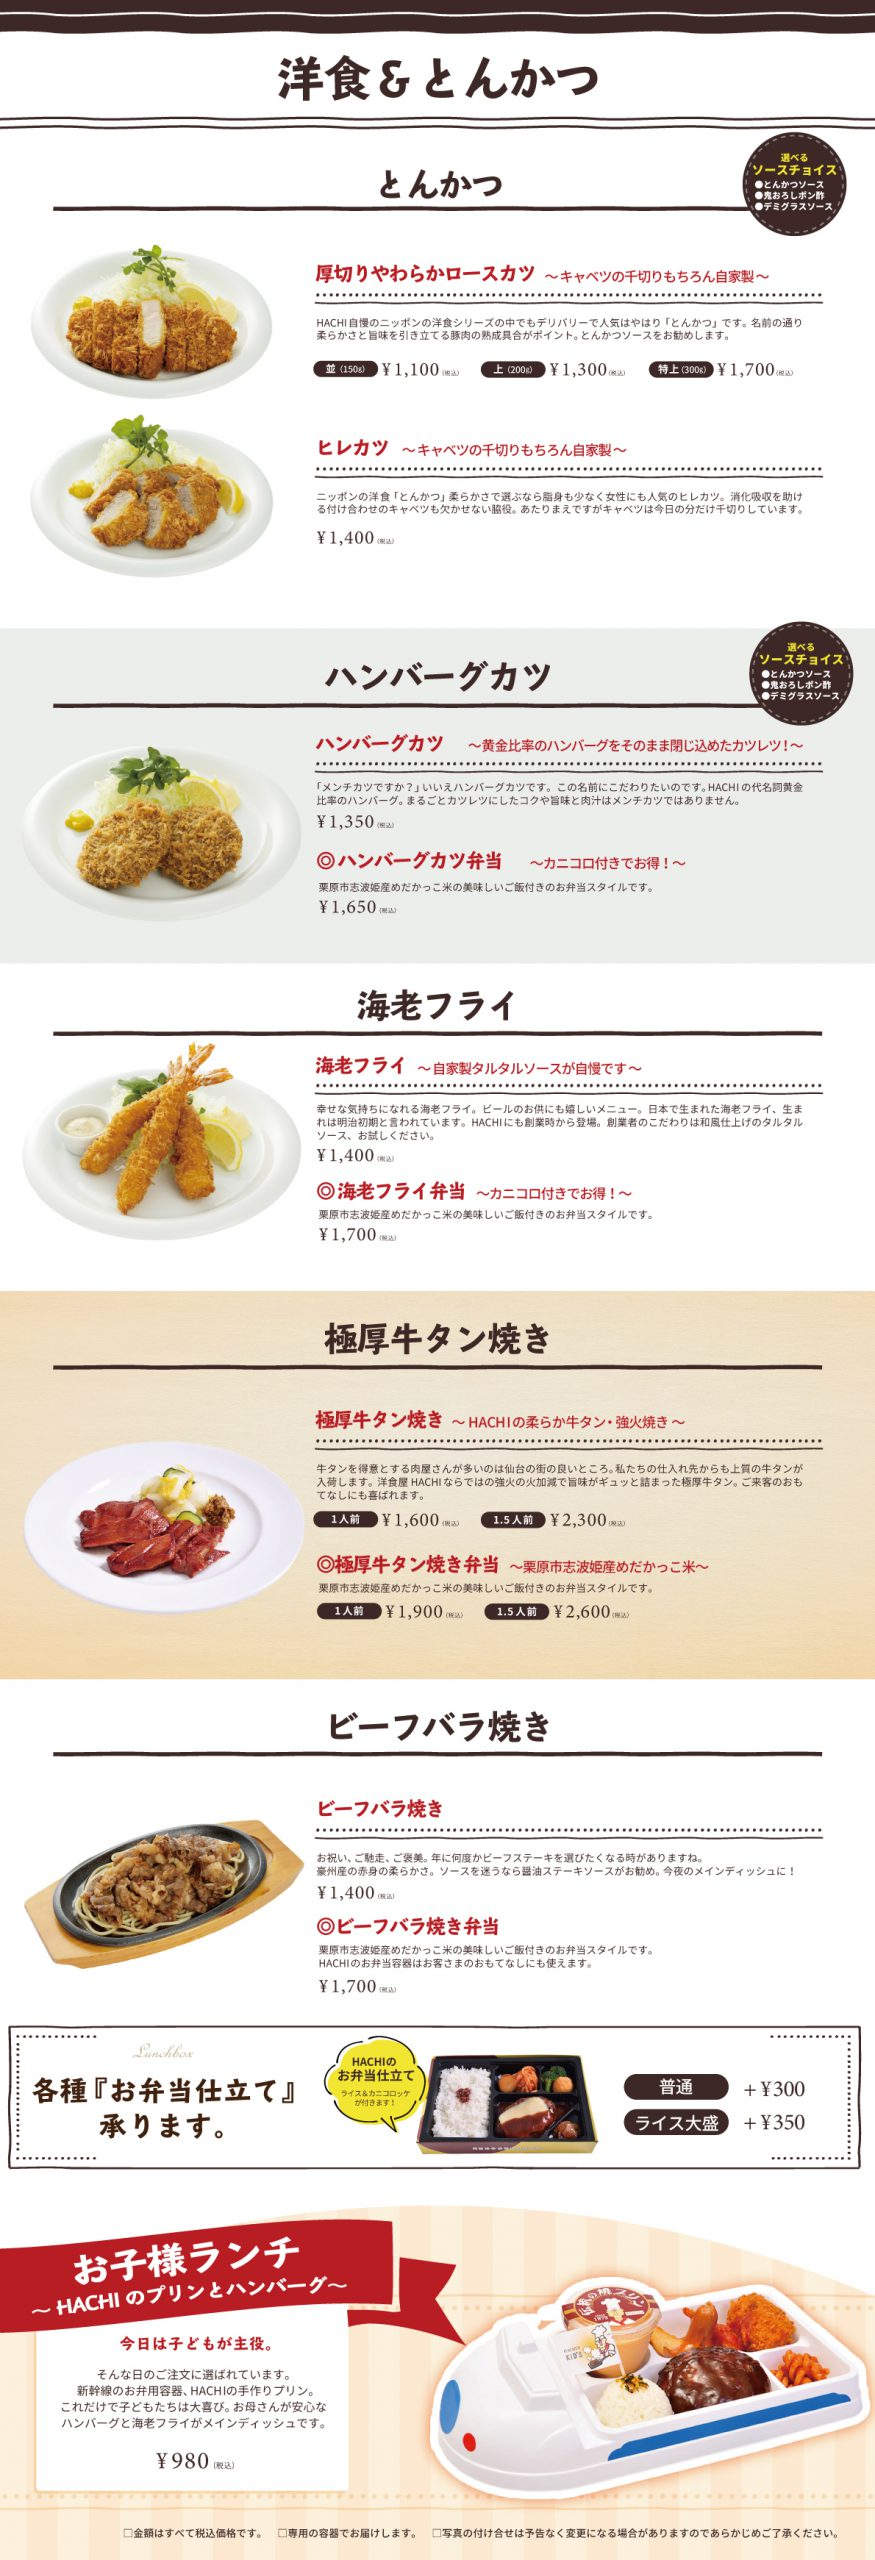 洋食・カツ・お子様-春日町店